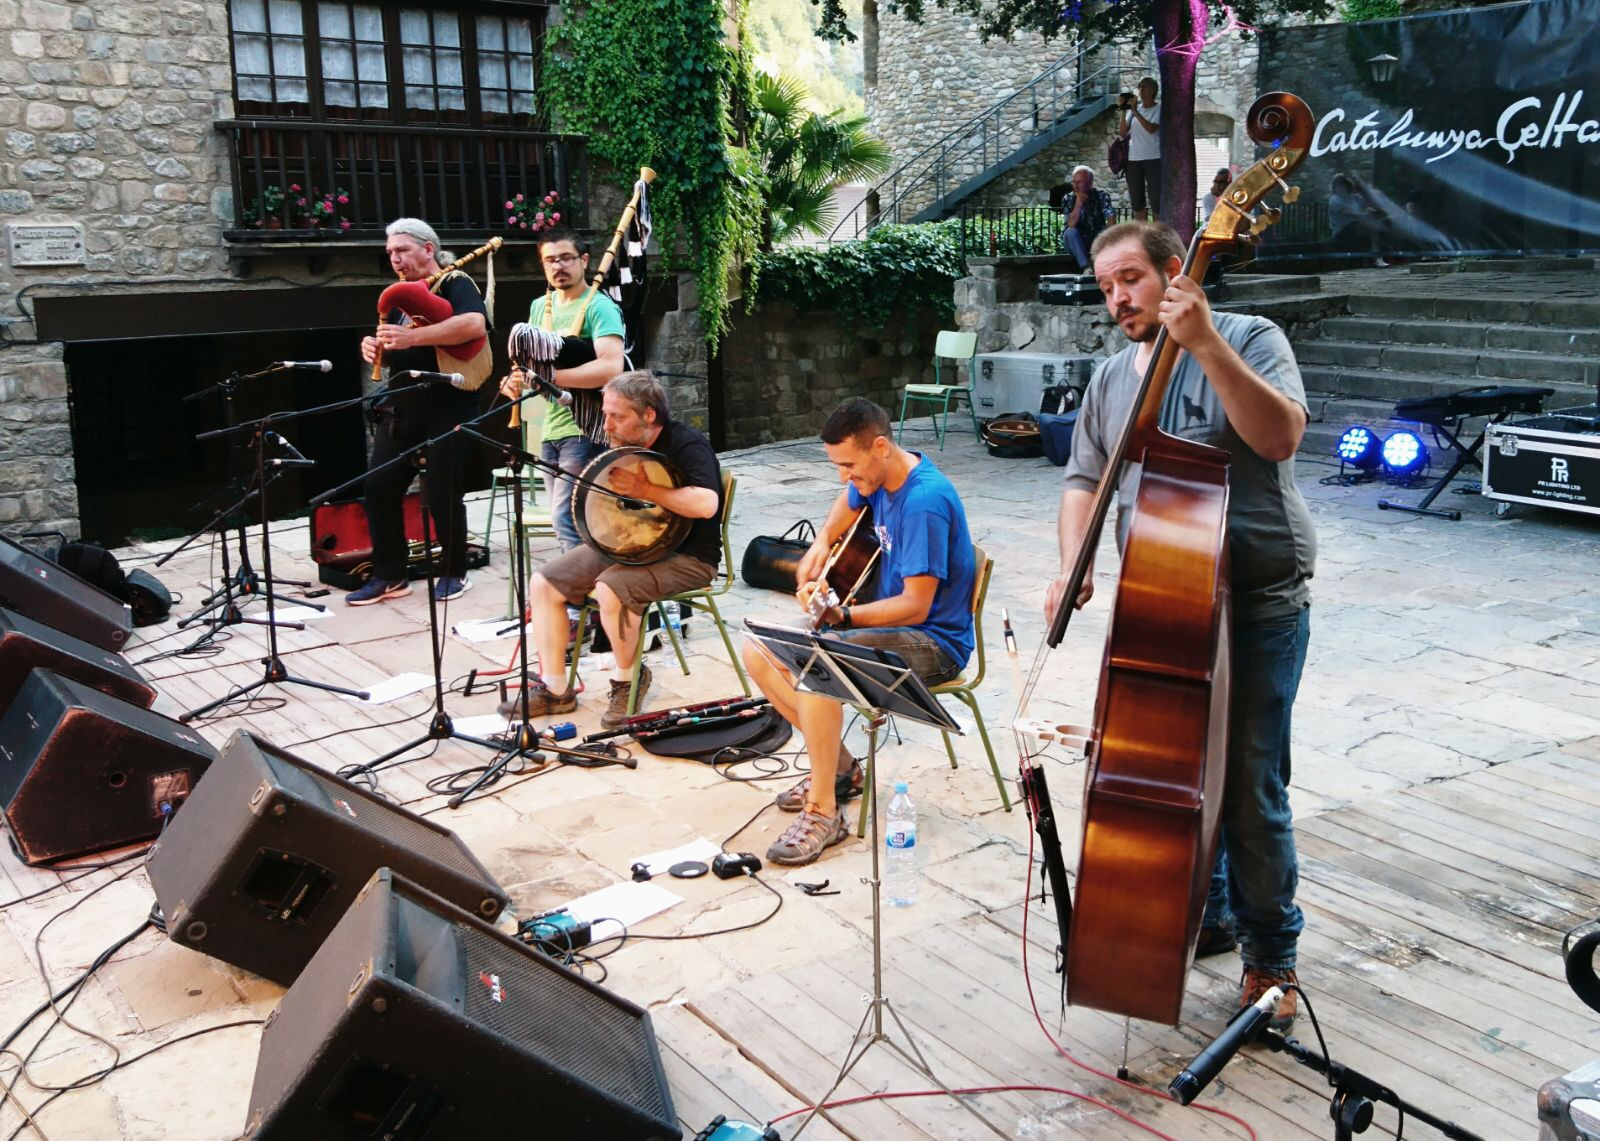 VII Festival Catalunya Celta